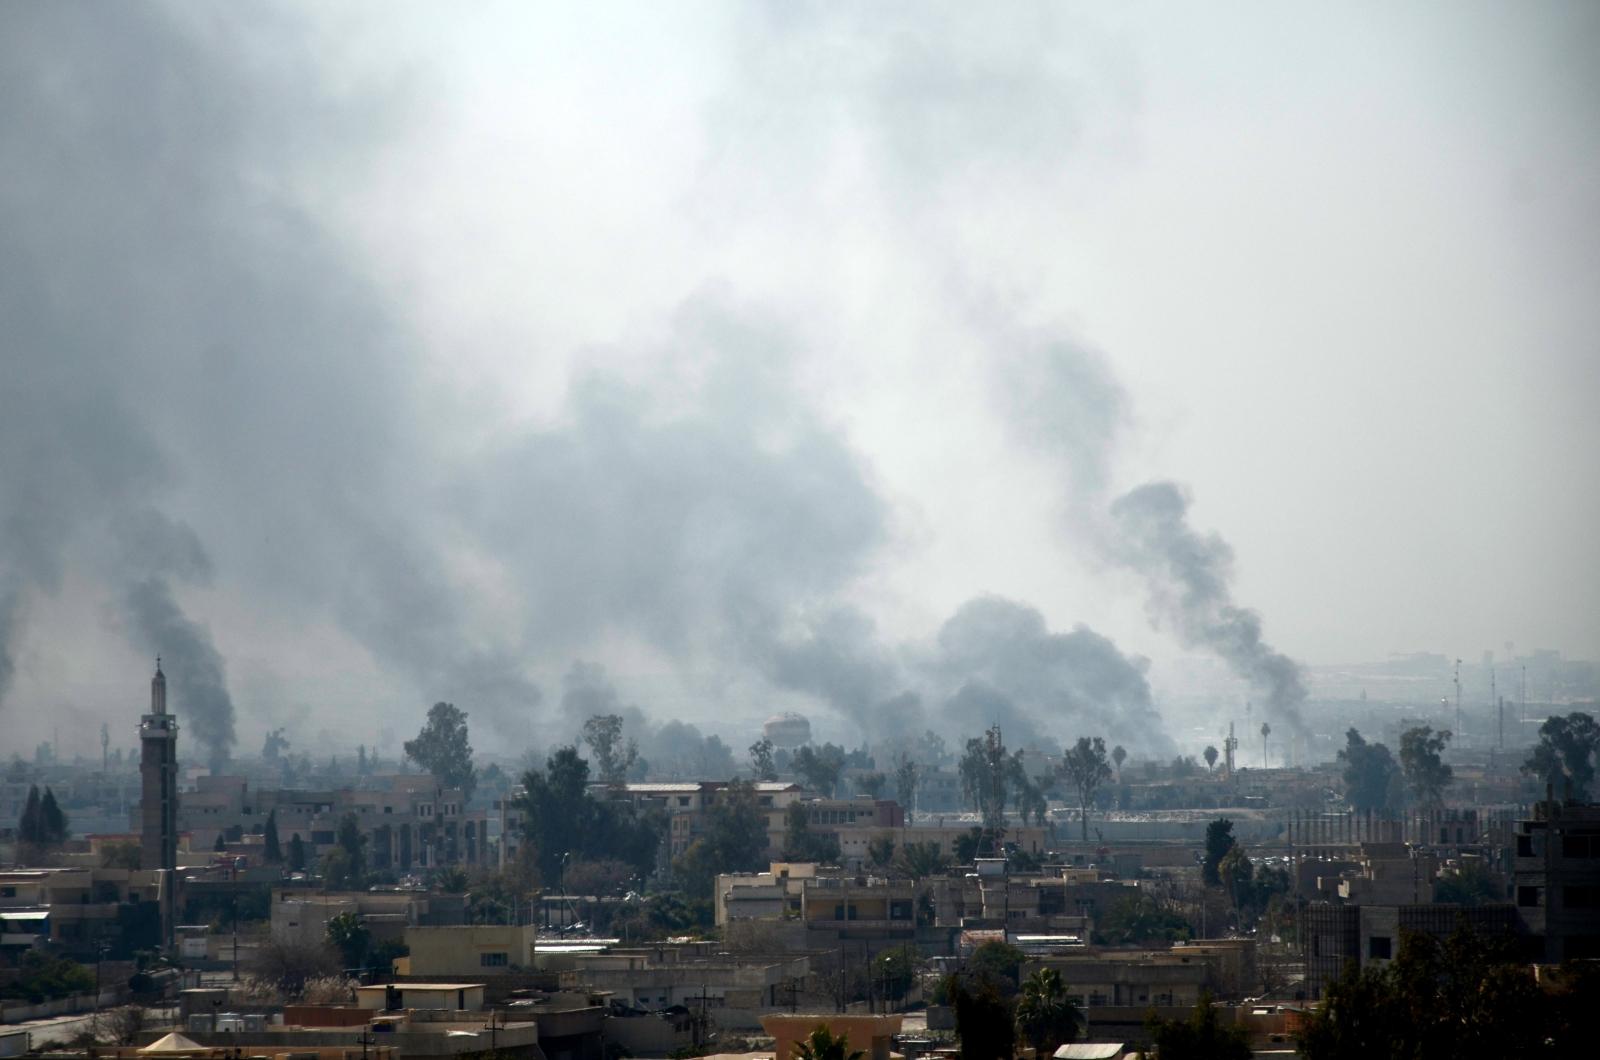 Widok na dym z zachodniej części Mosulu w której podejmowane są działania militarne przeciwko Państwu Islamskiemu.